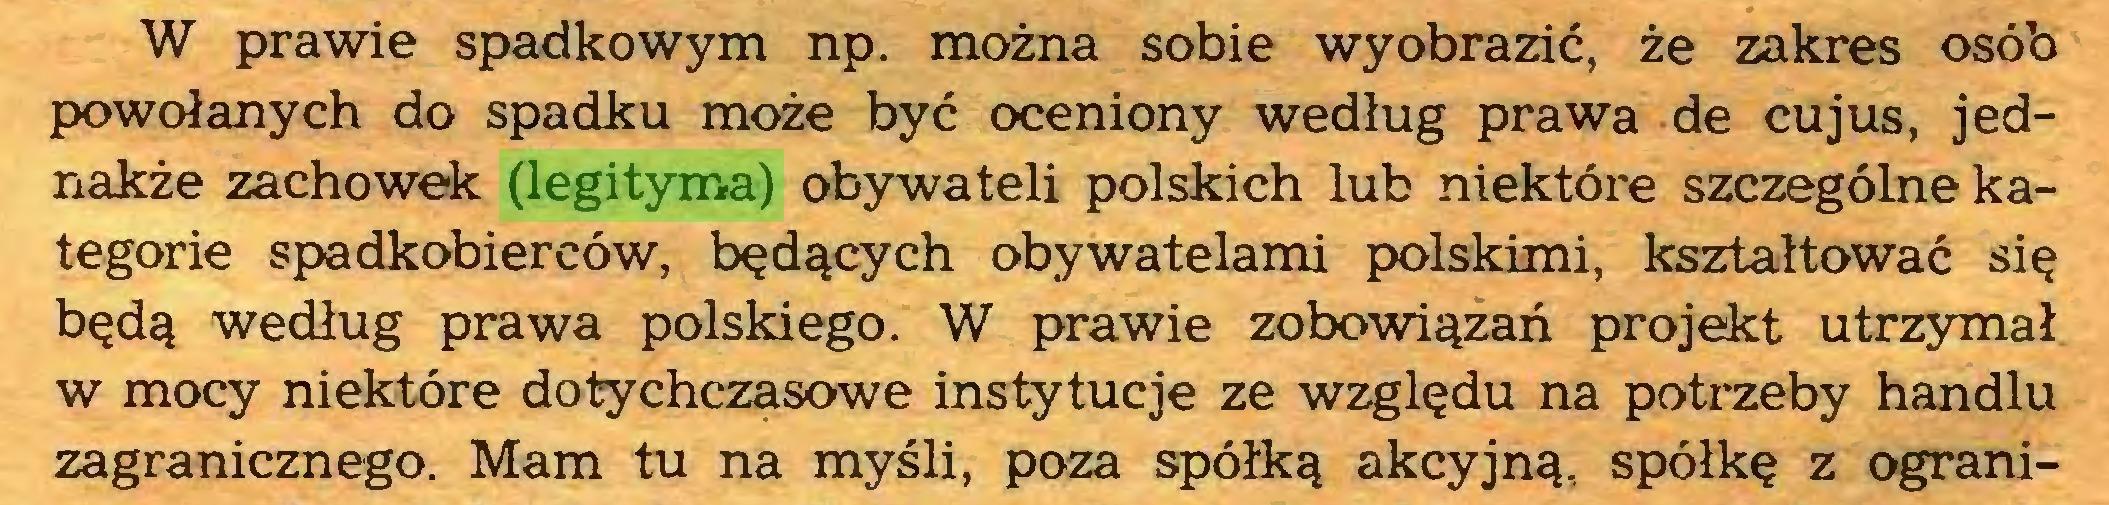 (...) W prawie spadkowym np. można sobie wyobrazić, że zakres osób powołanych do spadku może być oceniony według prawa de cujus, jednakże zachowek (legityma) obywateli polskich lub niektóre szczególne kategorie spadkobierców, będących obywatelami polskimi, kształtować się będą według prawa polskiego. W prawie zobowiązań projekt utrzymał w mocy niektóre dotychczasowe instytucje ze względu na potrzeby handlu zagranicznego. Mam tu na myśli, poza spółką akcyjną, spółkę z ograni...